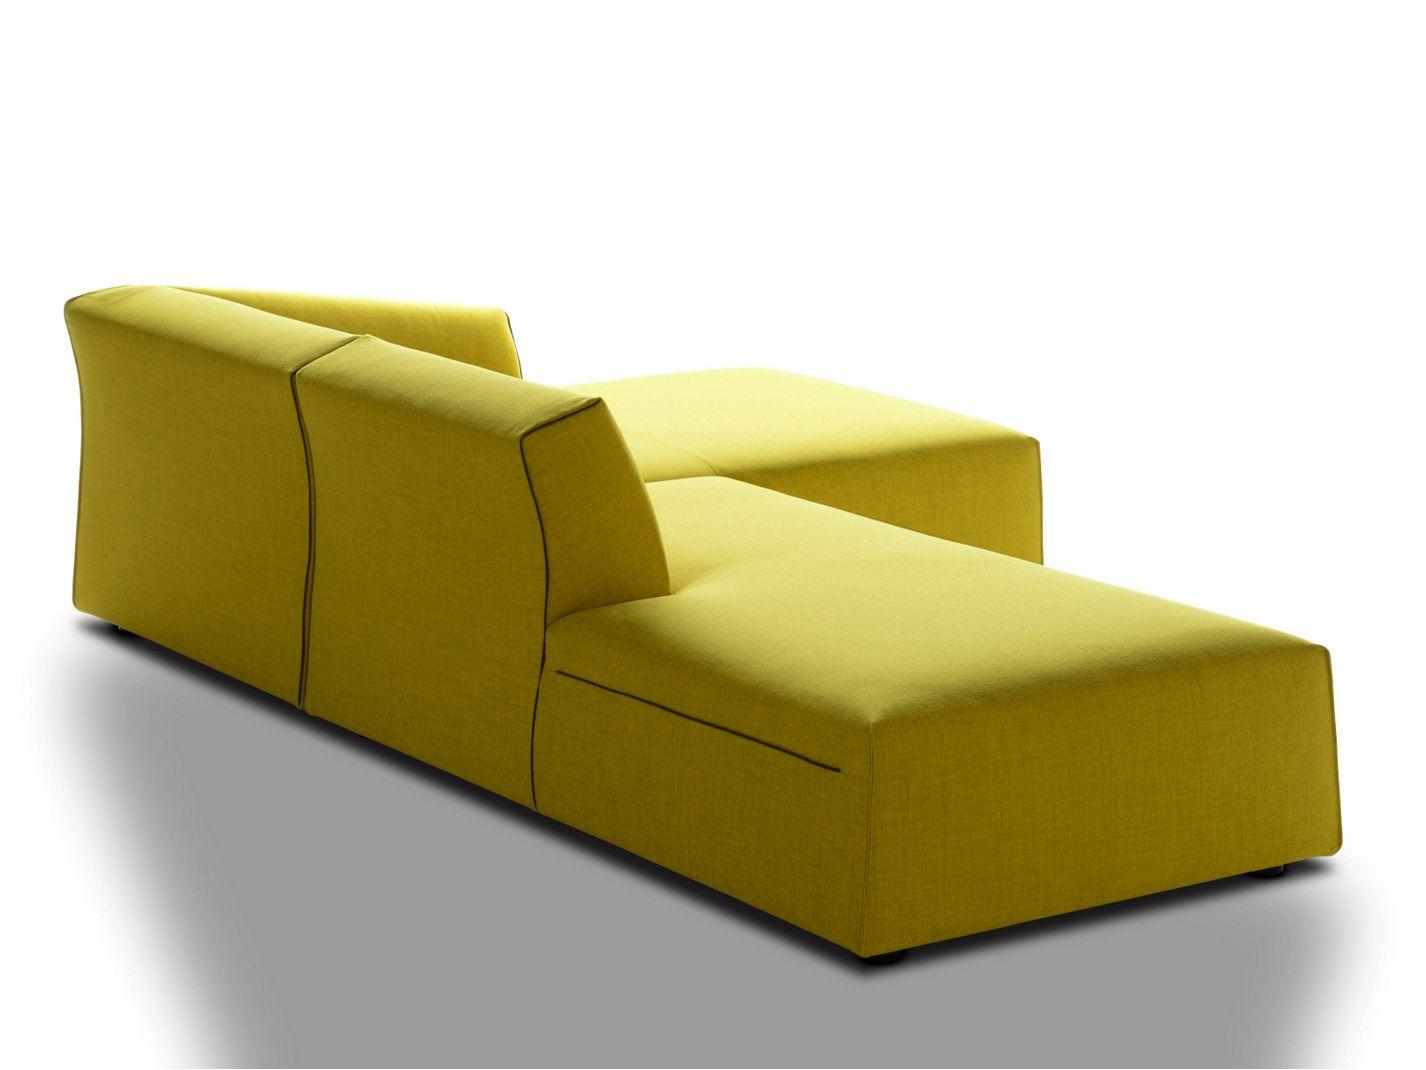 SECTIONAL FABRIC SOFA THEA BY MDF ITALIA | DESIGN LINA OBREGON ...